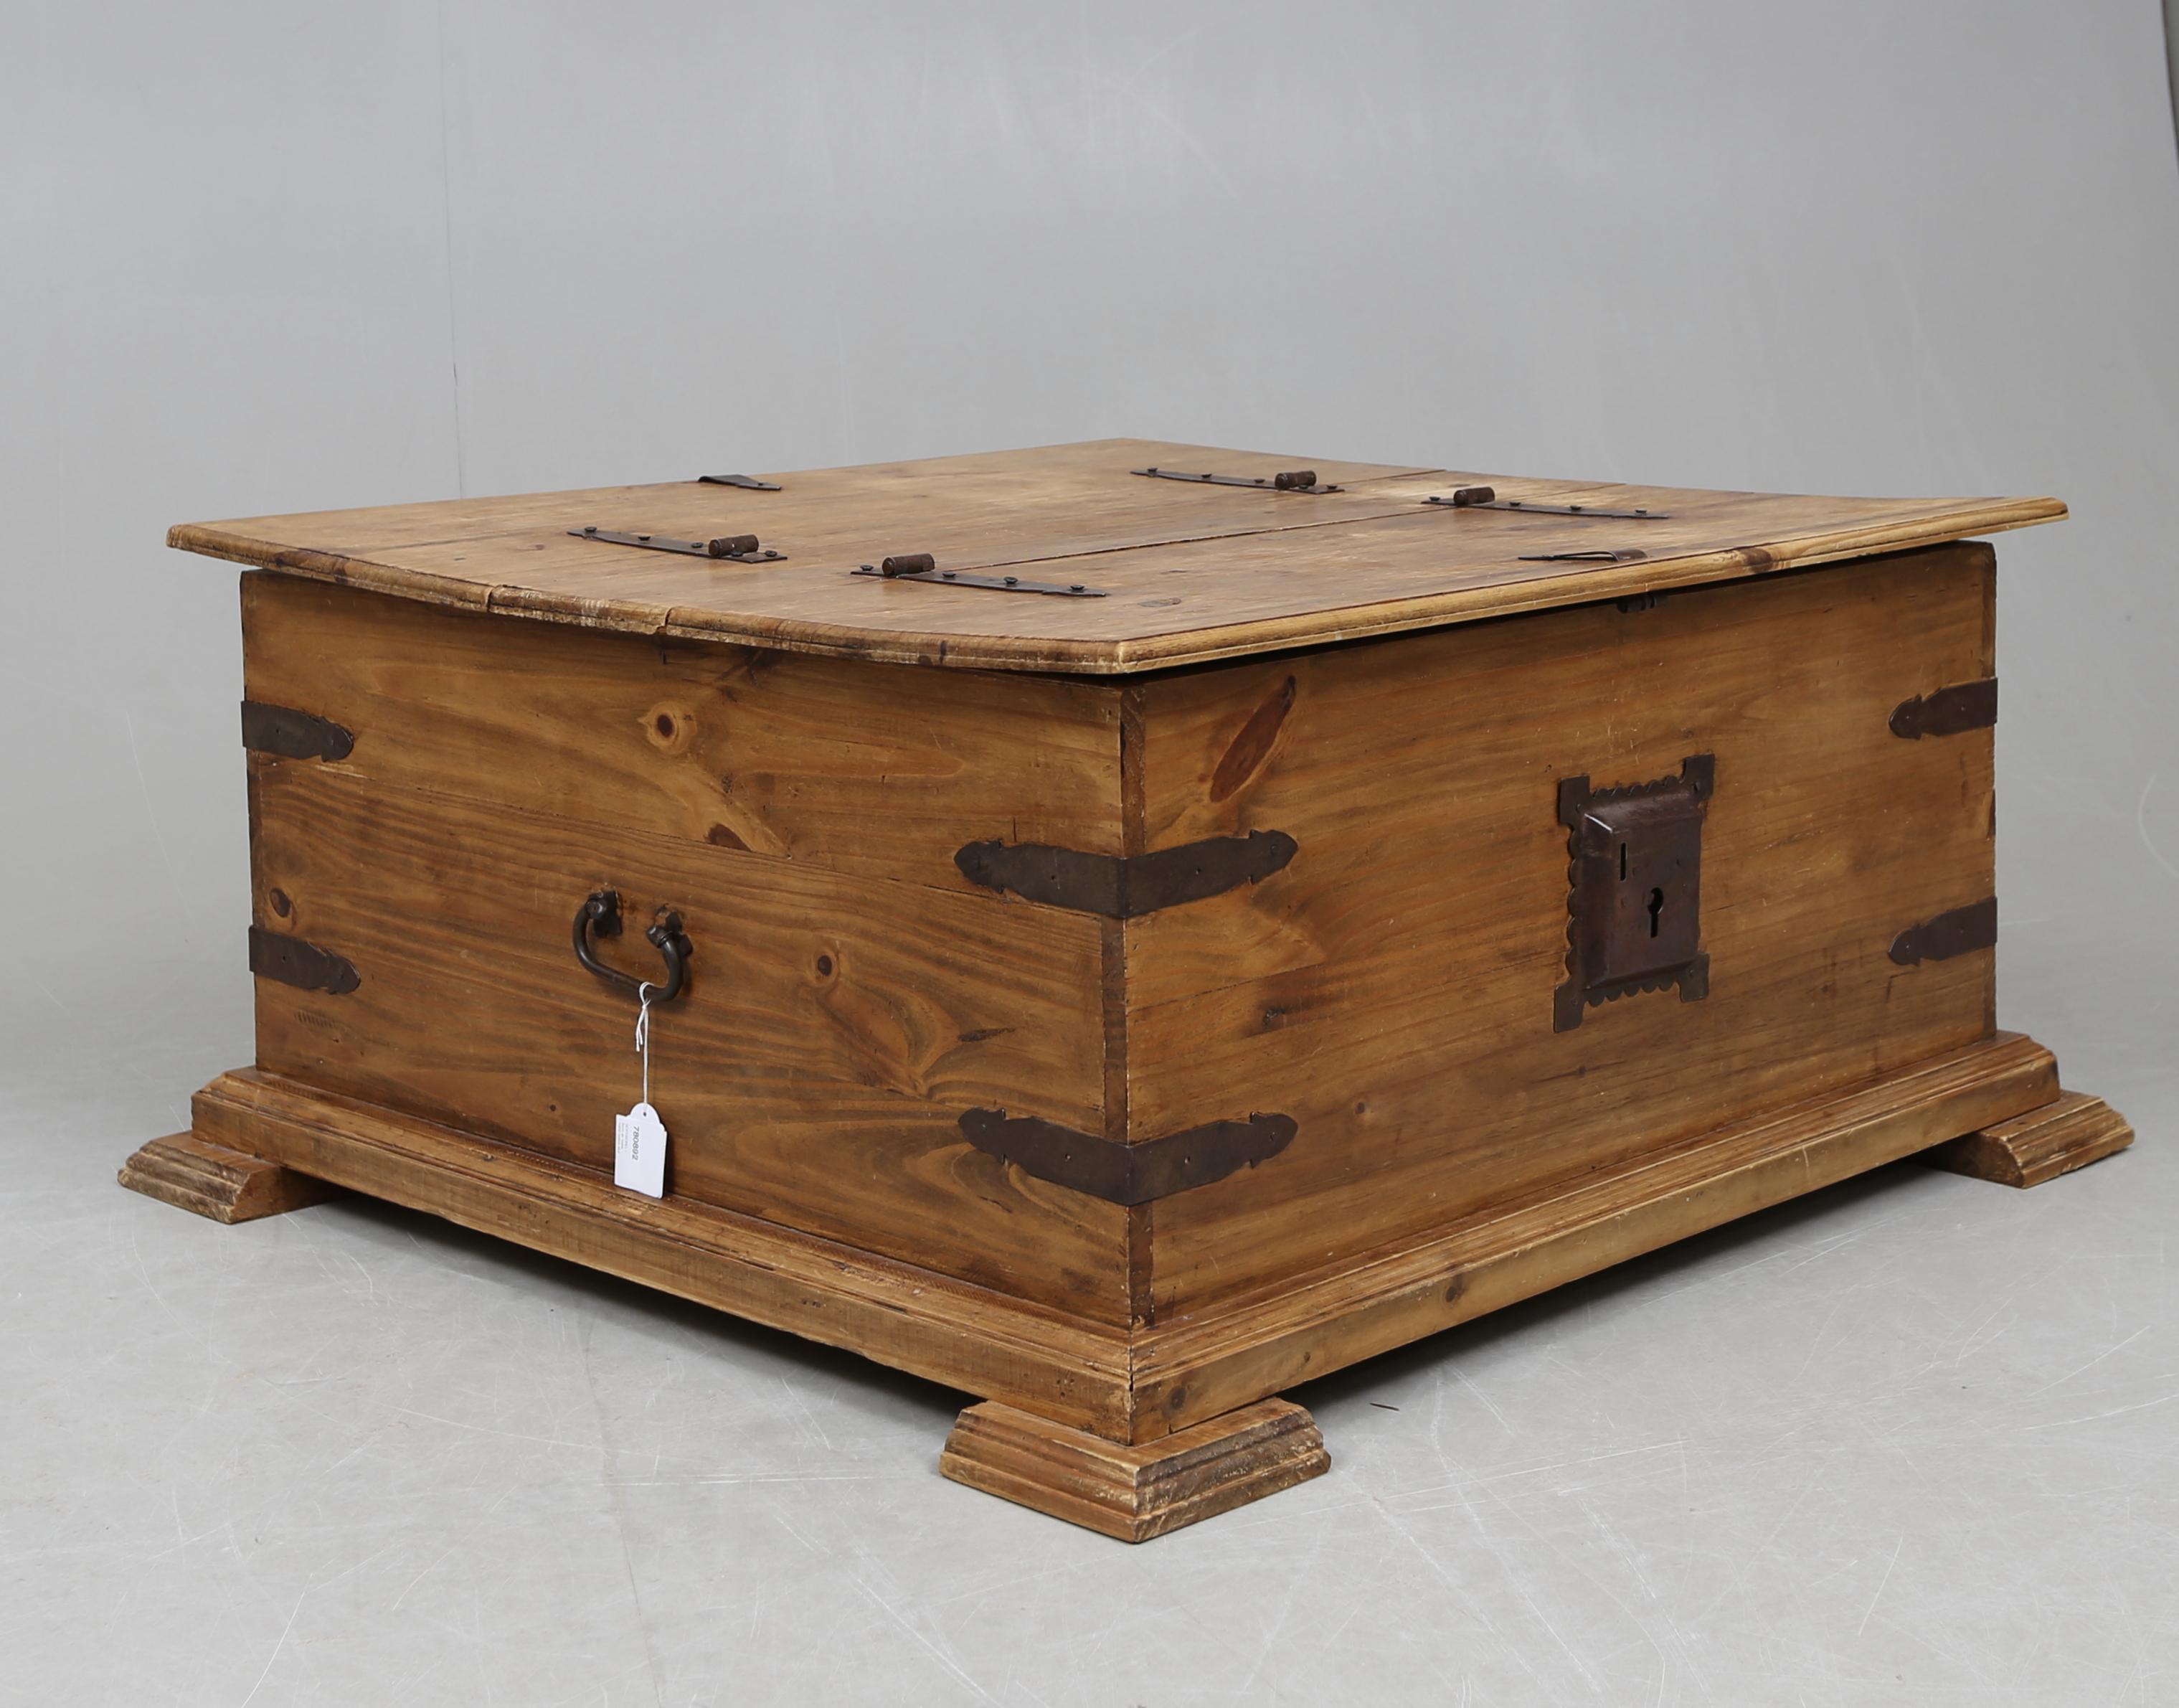 Omtyckta SOFFBORD, i form av kista, 1900-talets slut. Möbler - Bord - Auctionet HU-05